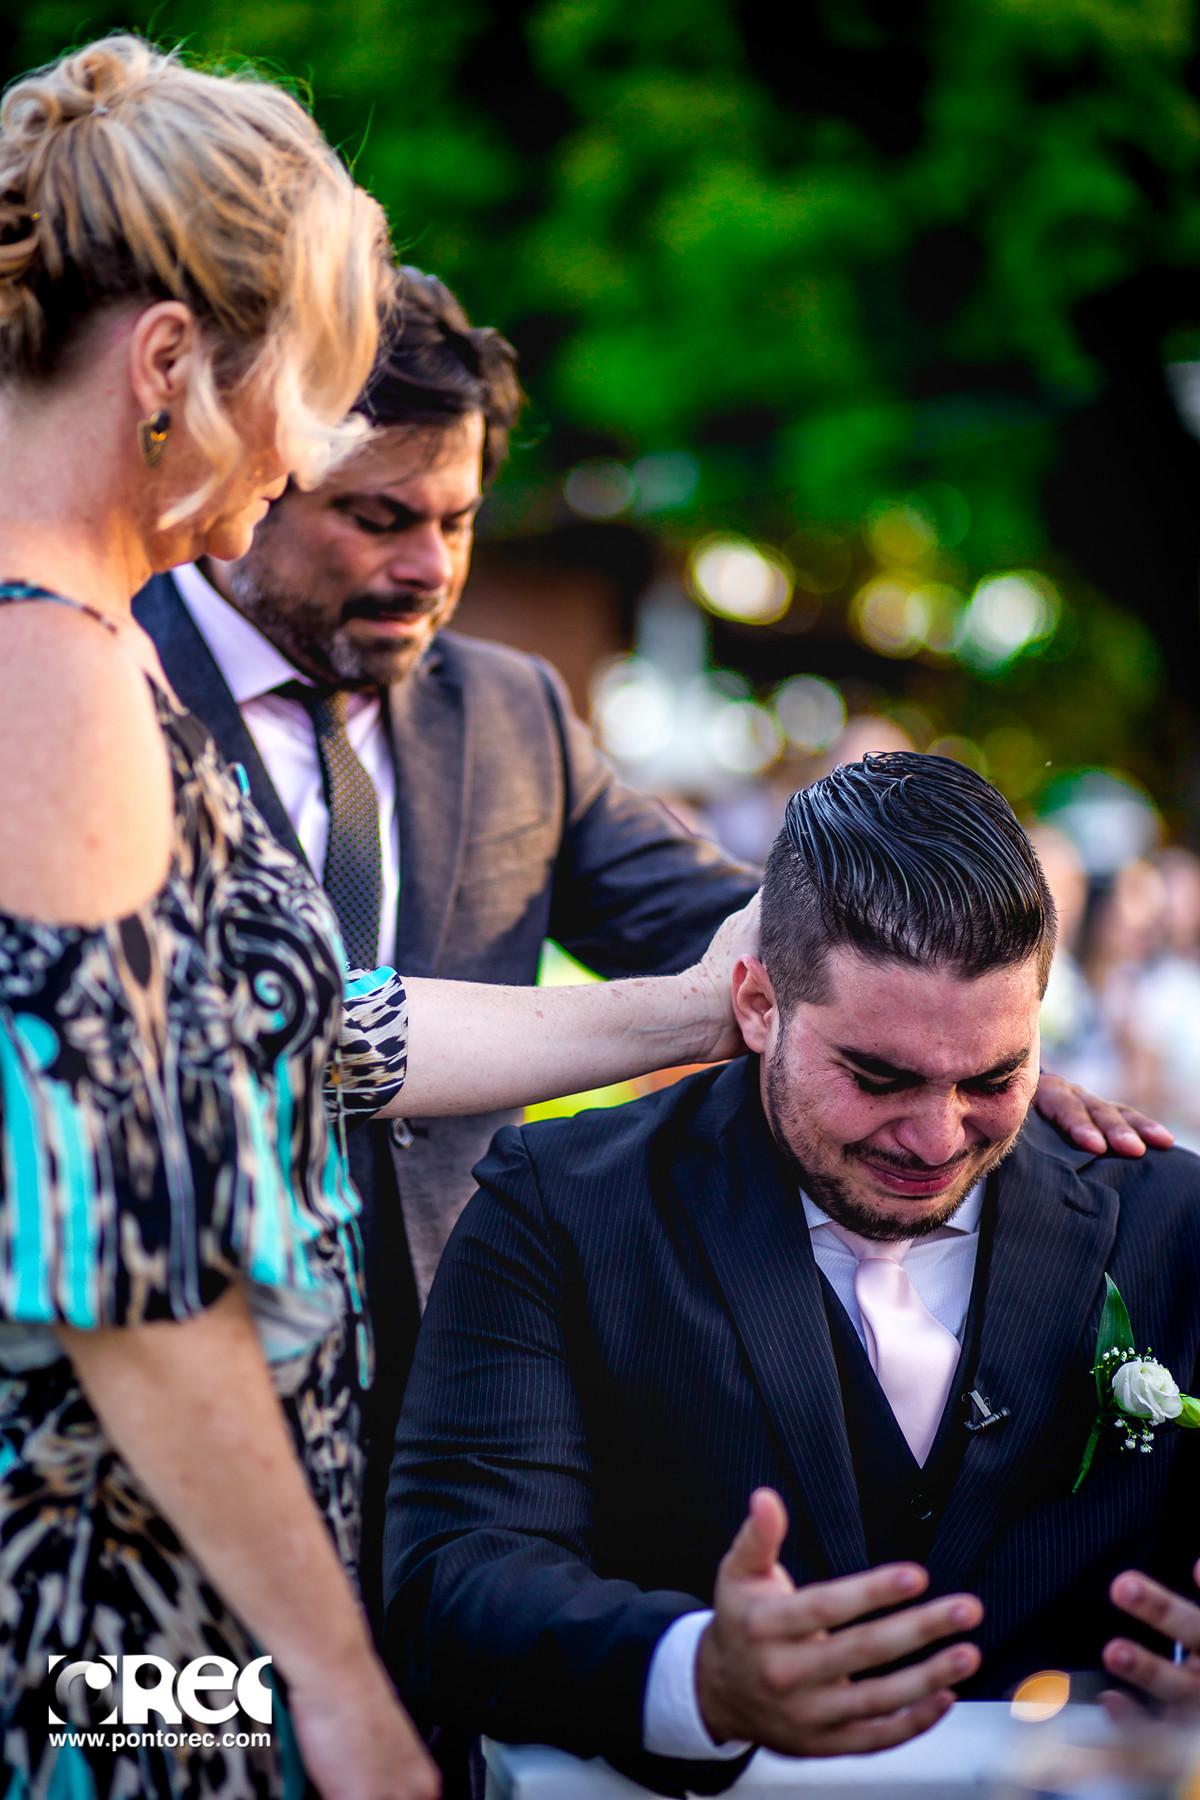 make noiva, fotografo de casamento campo grande ms, decoração casamento campo grande, casamento de dia, casamento ar livre, chacara bonança, vestido de noiva, noivo chorando